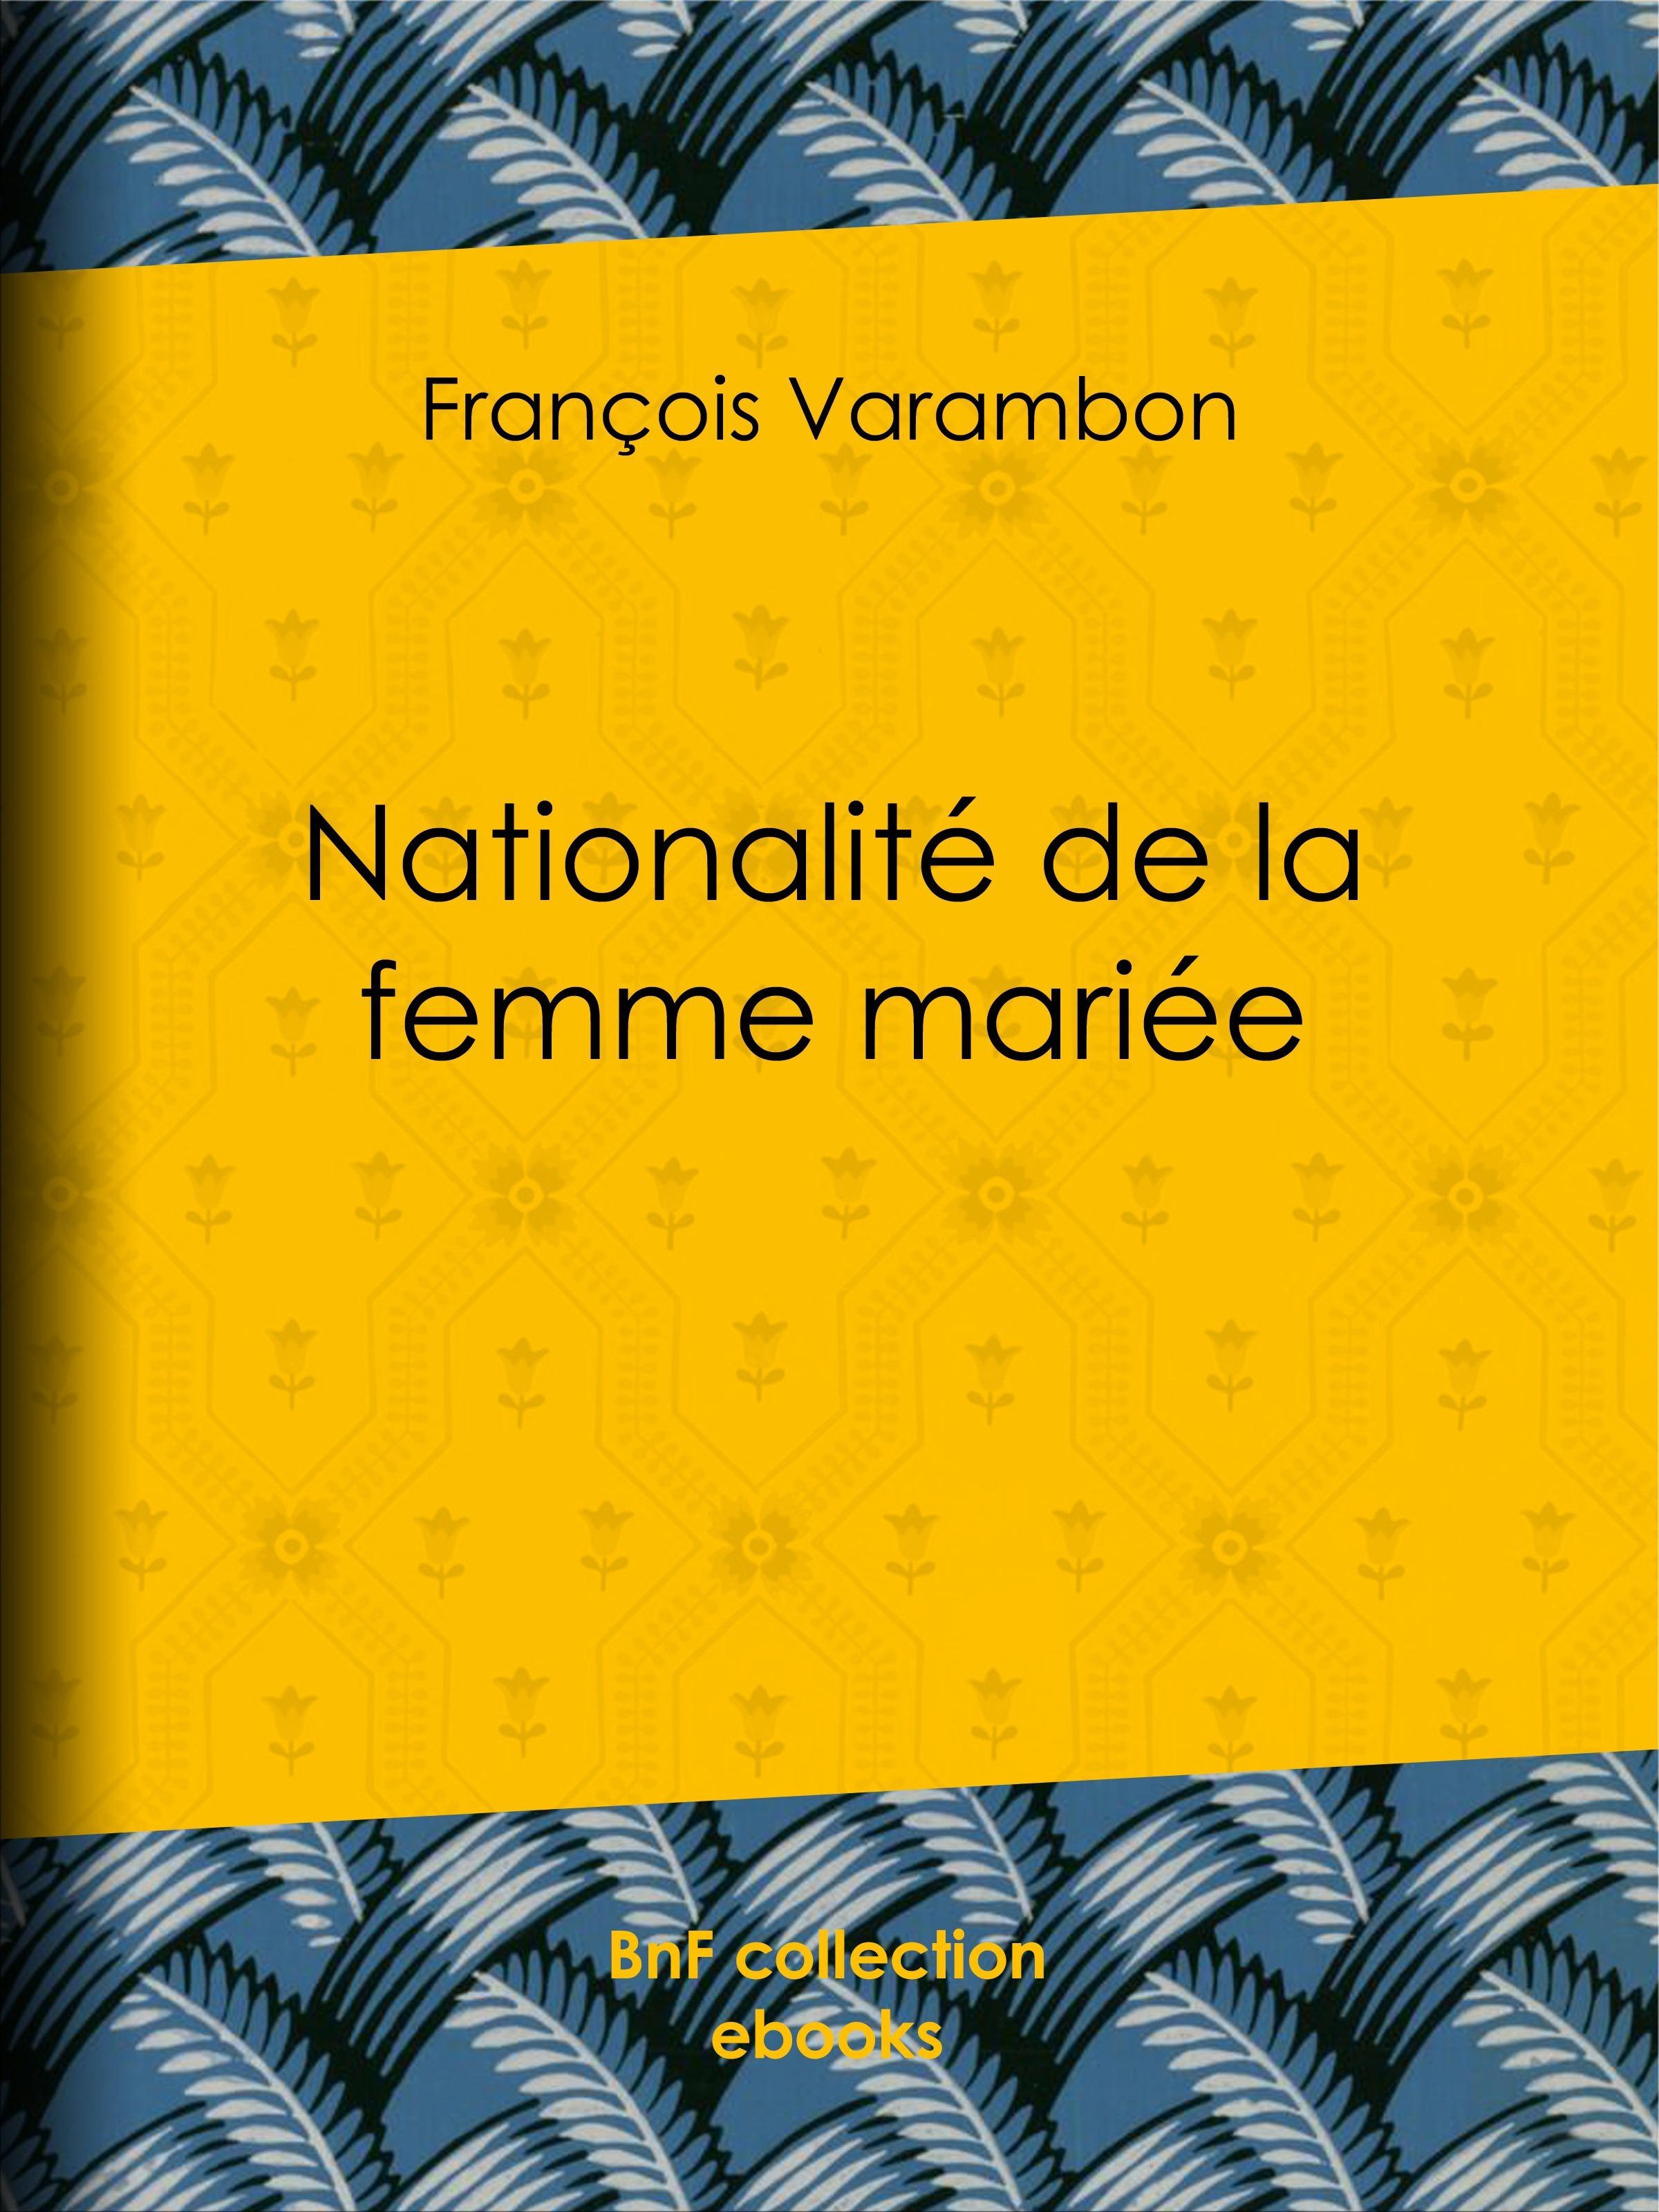 Nationalité de la femme mariée